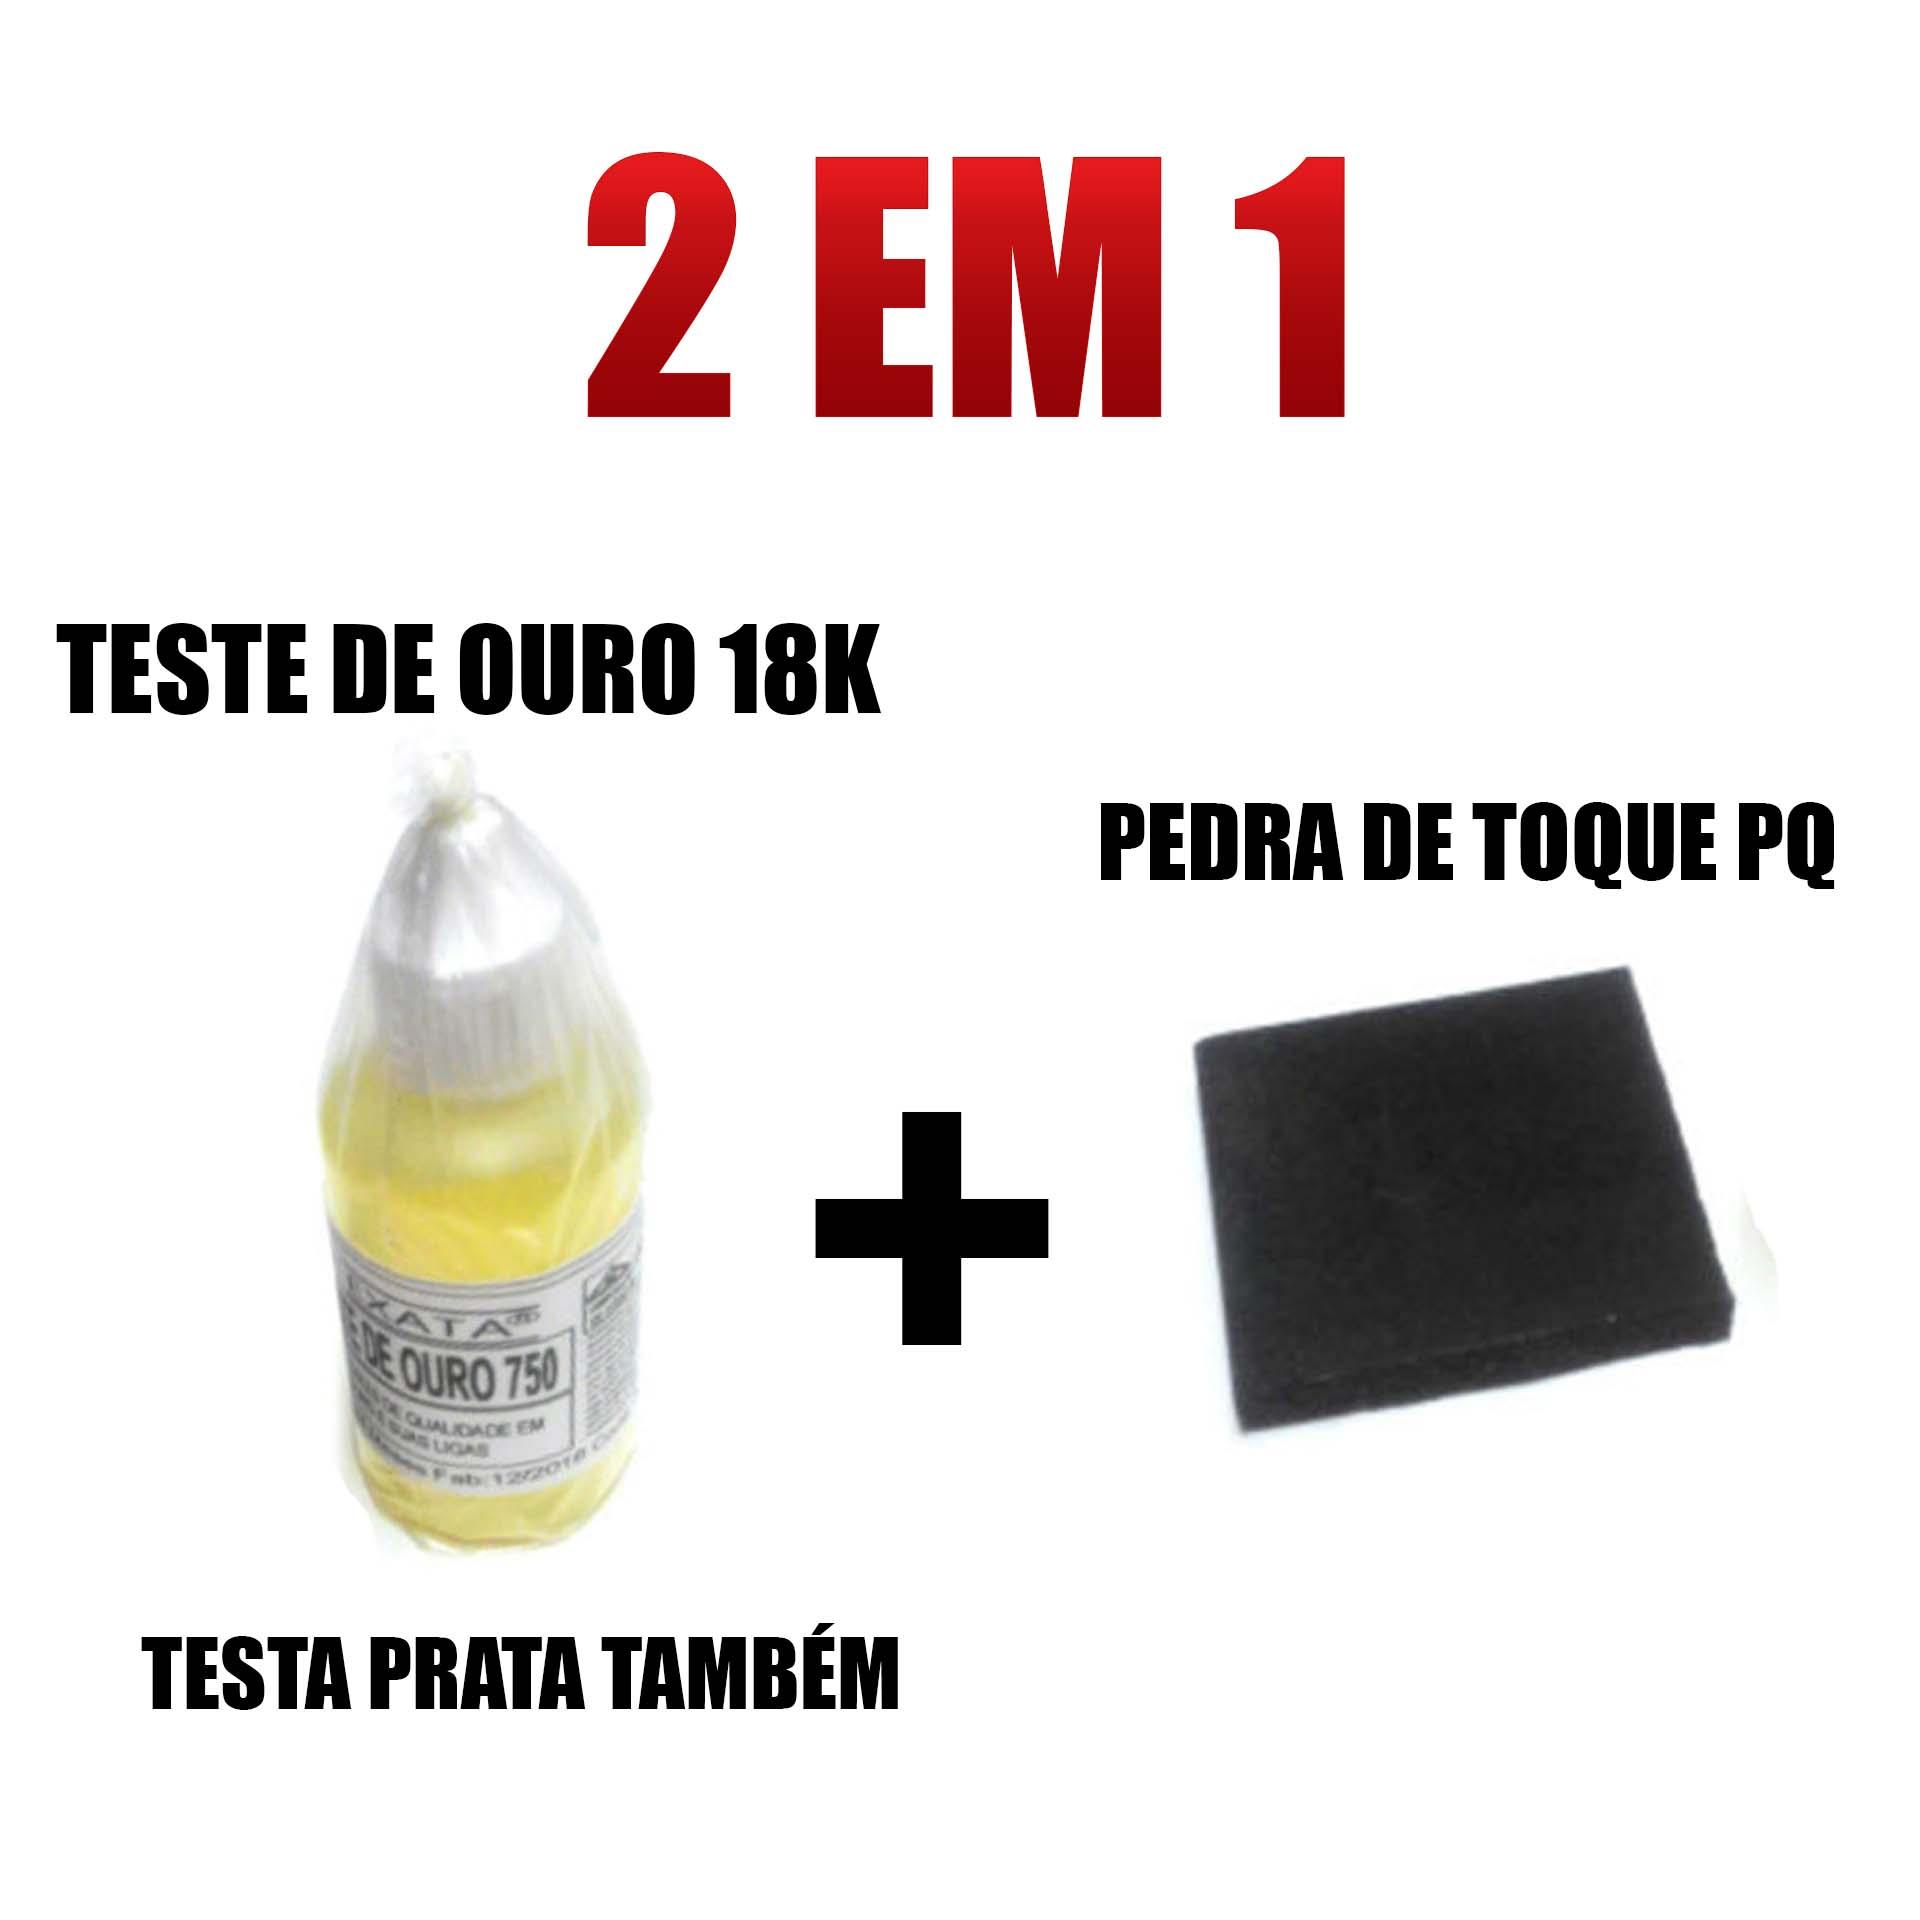 Kit Teste Ouro Prata - Pedra De Toque + Ácido 18k com 30 ml